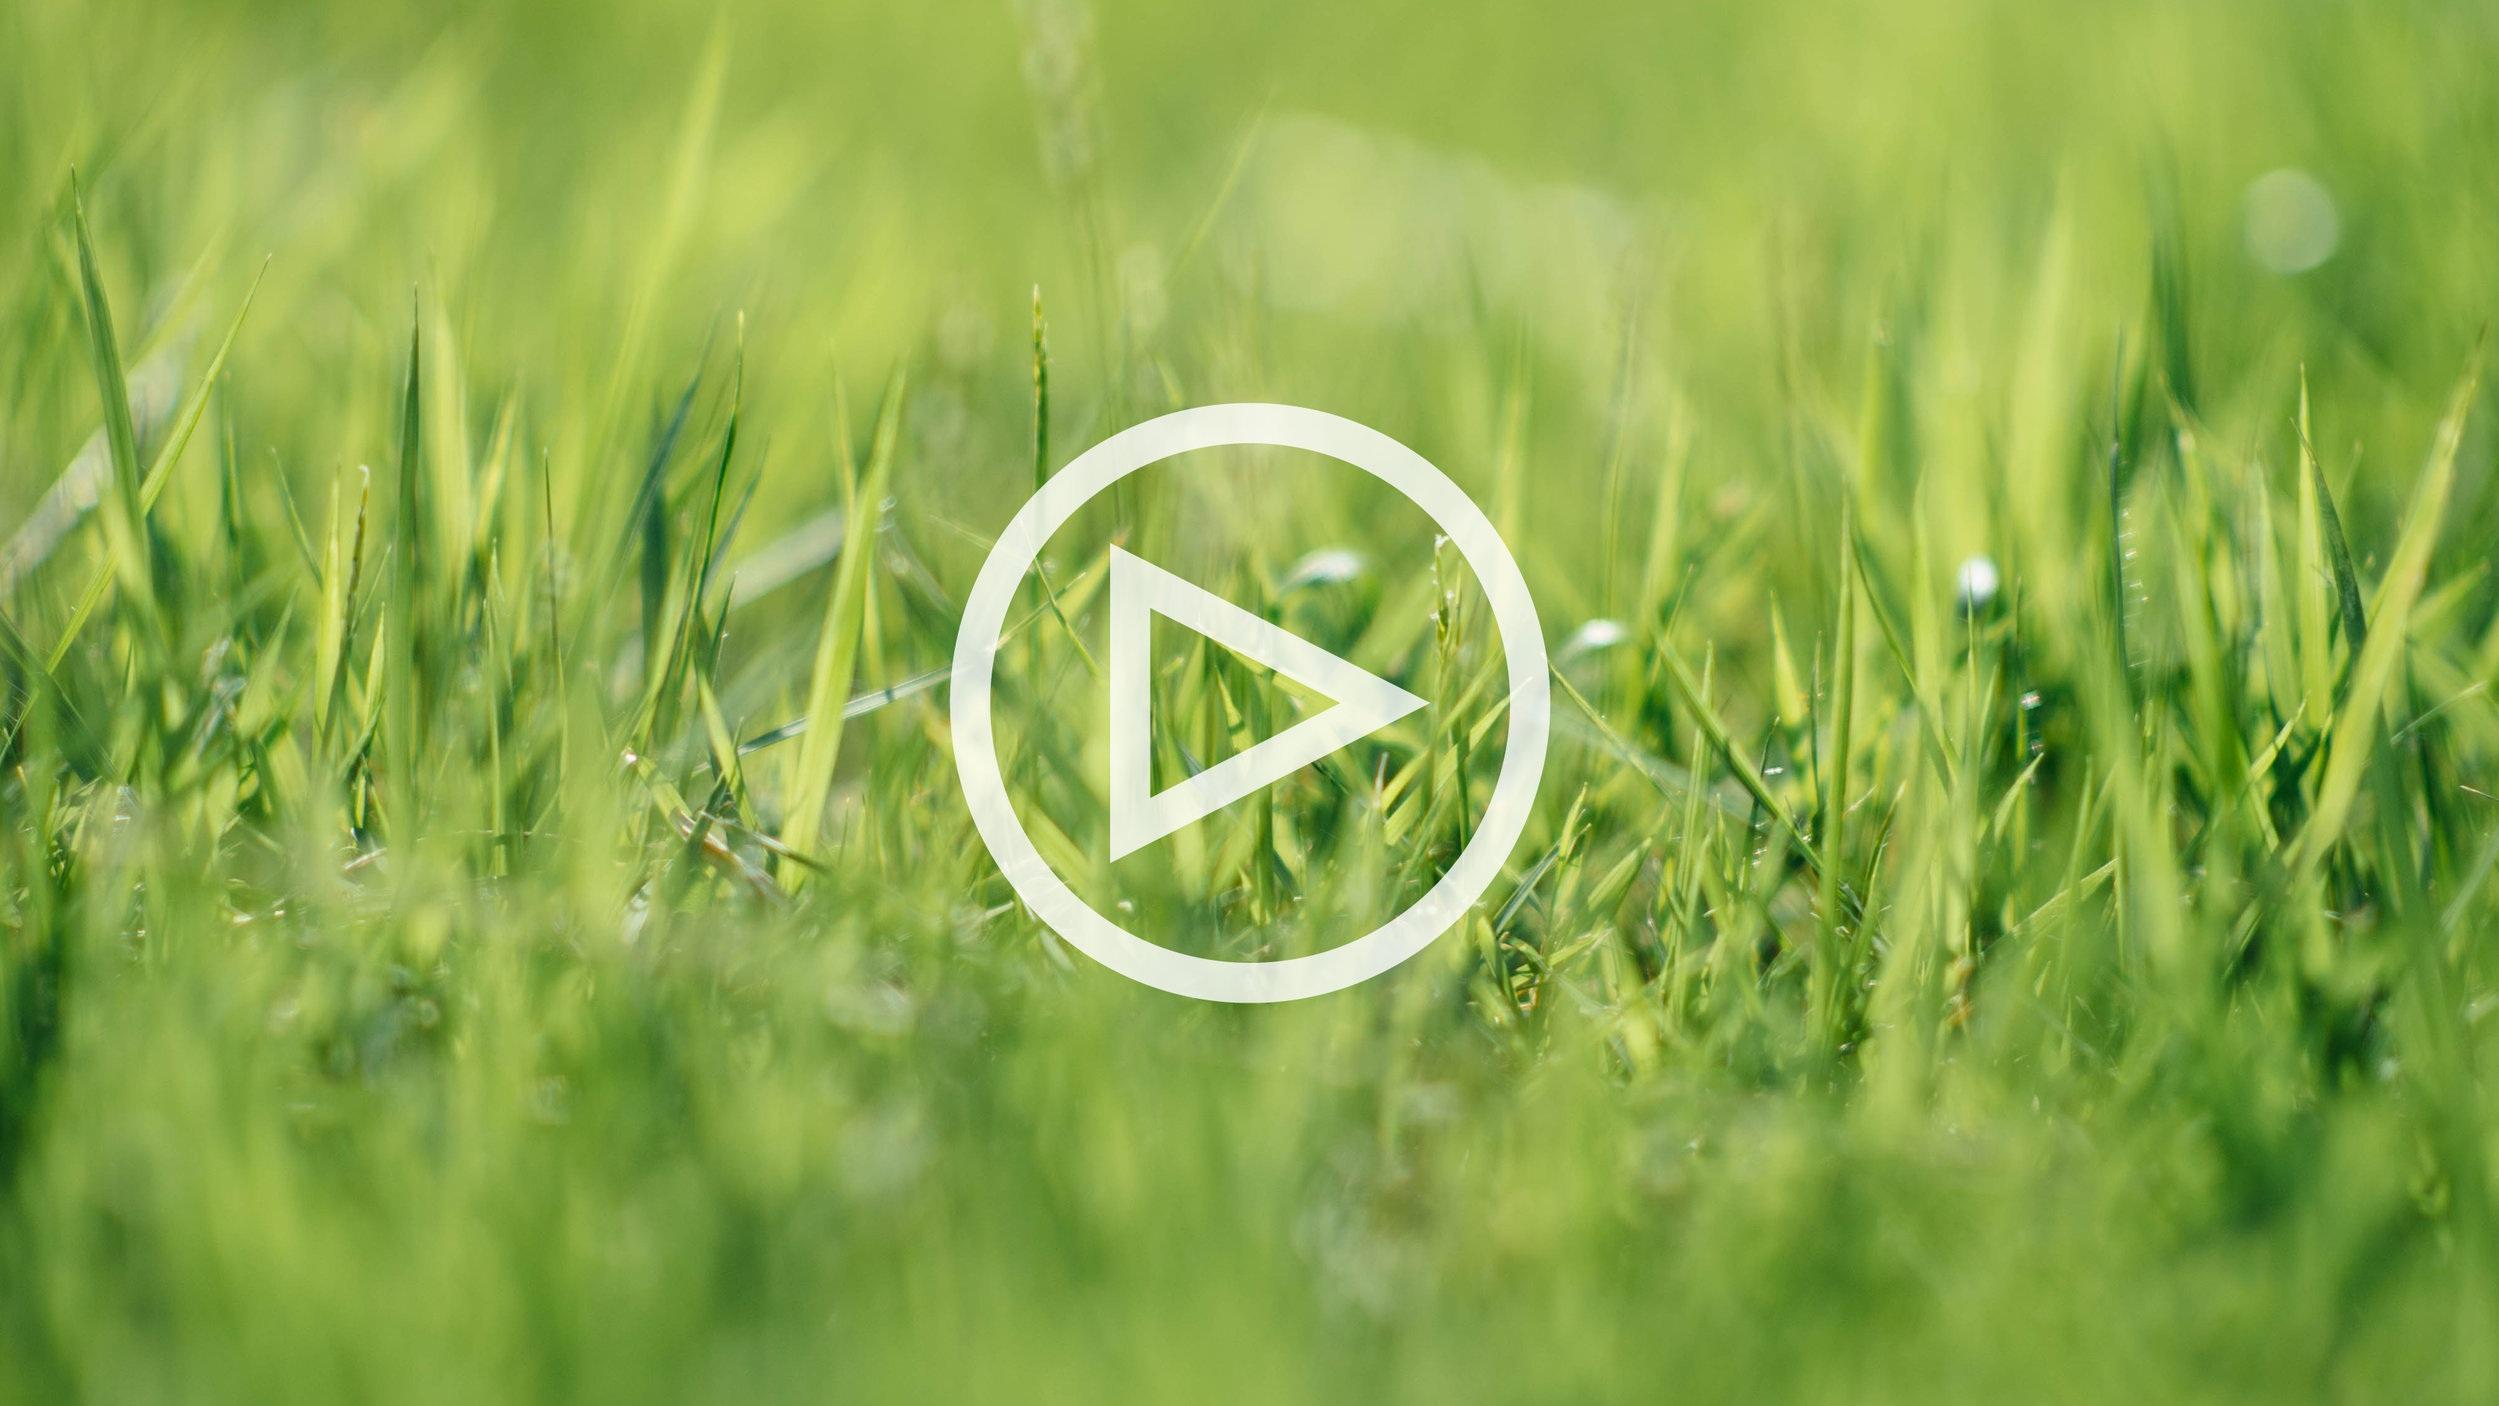 GC Linsberg Eröffnung auf WN TV - Video ansehen >